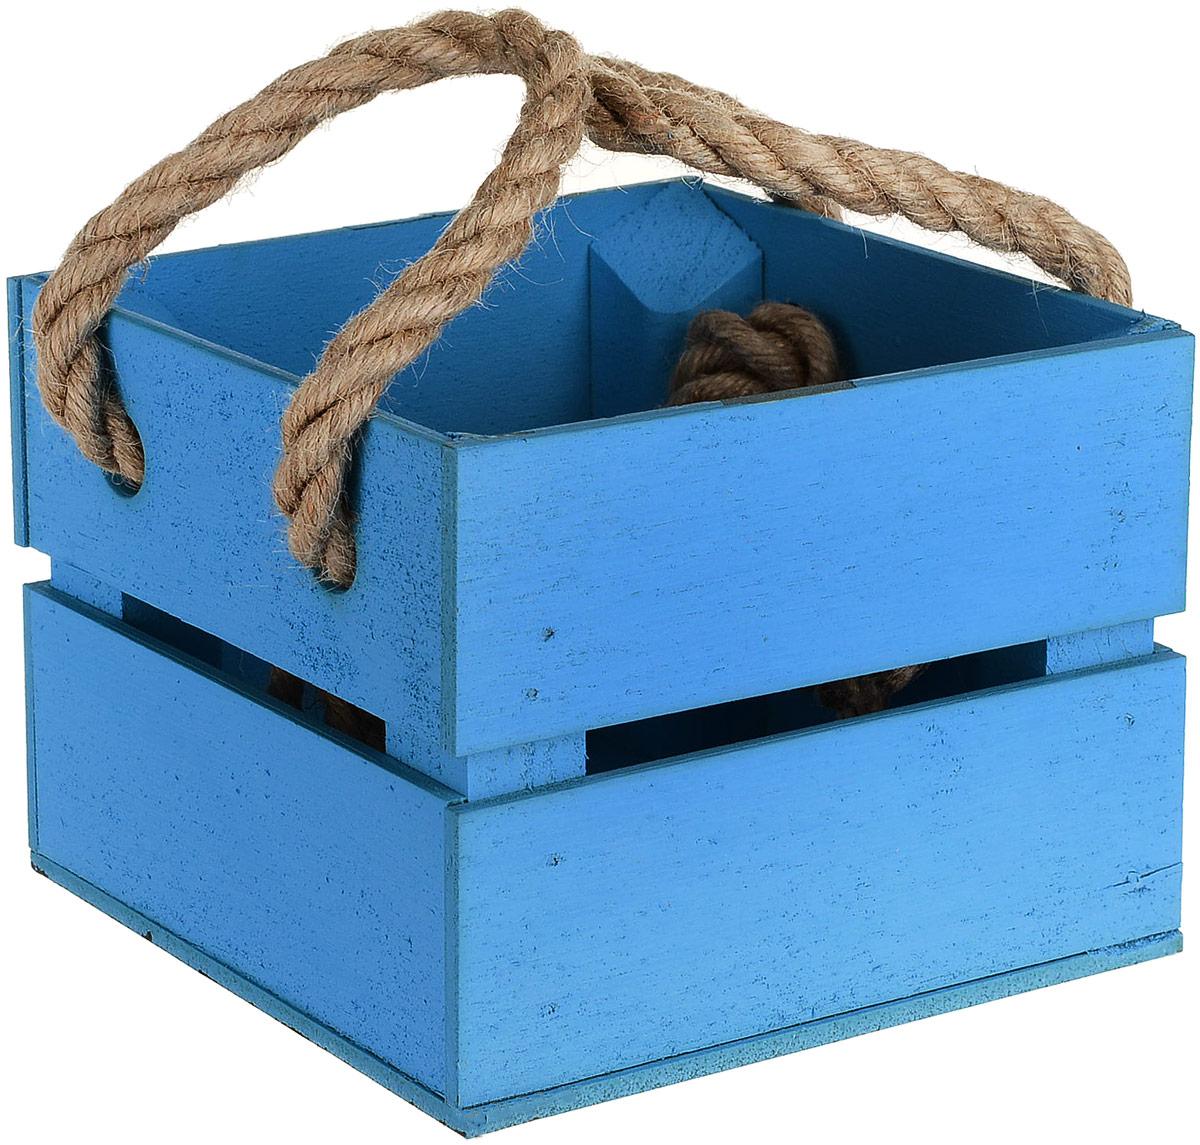 Кашпо ТД ДМ Ящик, цвет: голубой, 11 х 12 х 9 см кашпо для домашних растений umbra giardino цвет белый 34 х 16 х 34 см